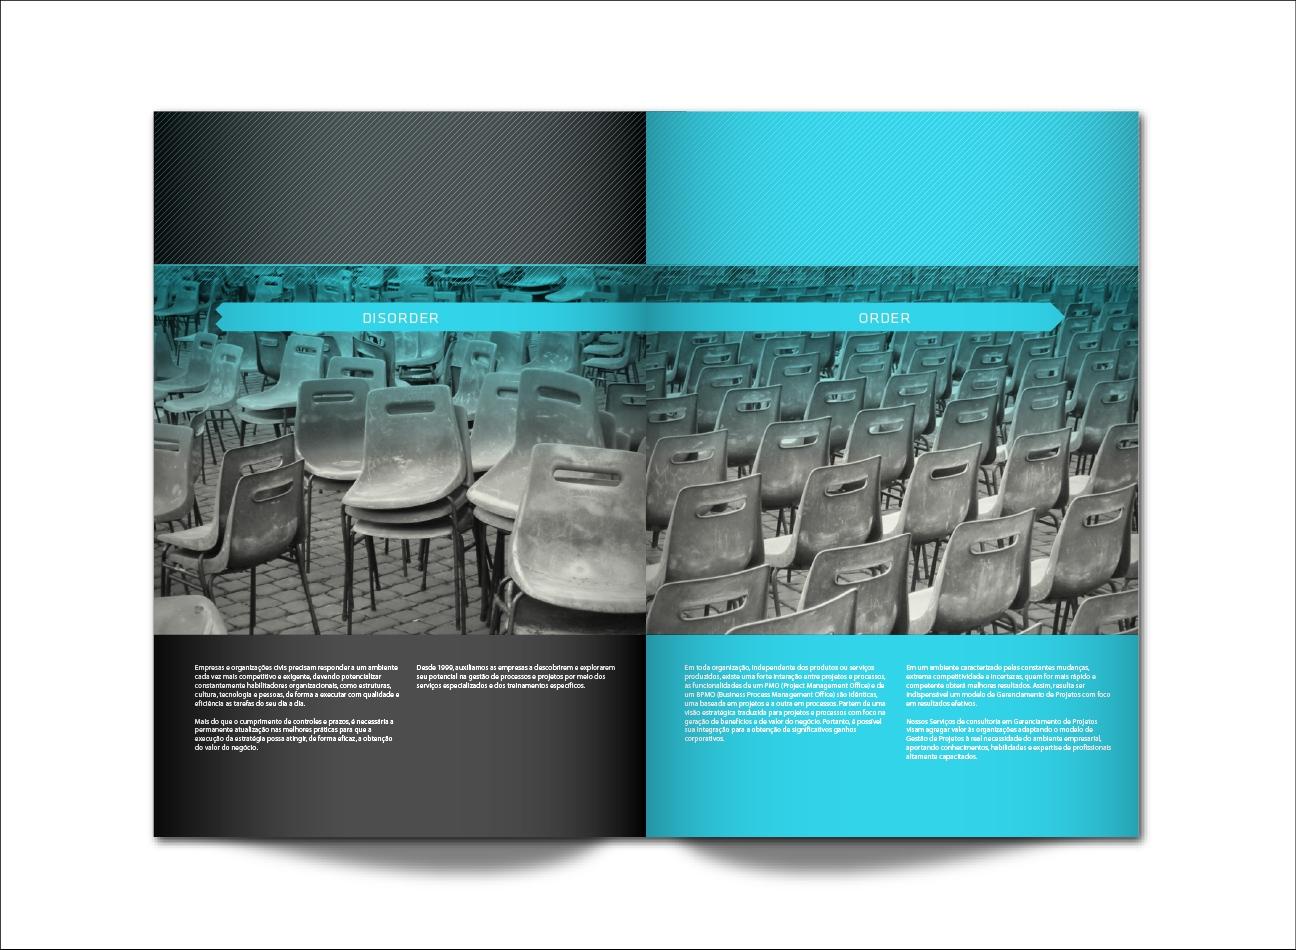 Rediseño de identidad para FIXE - Brasil - Gorricho - diseño de marcas